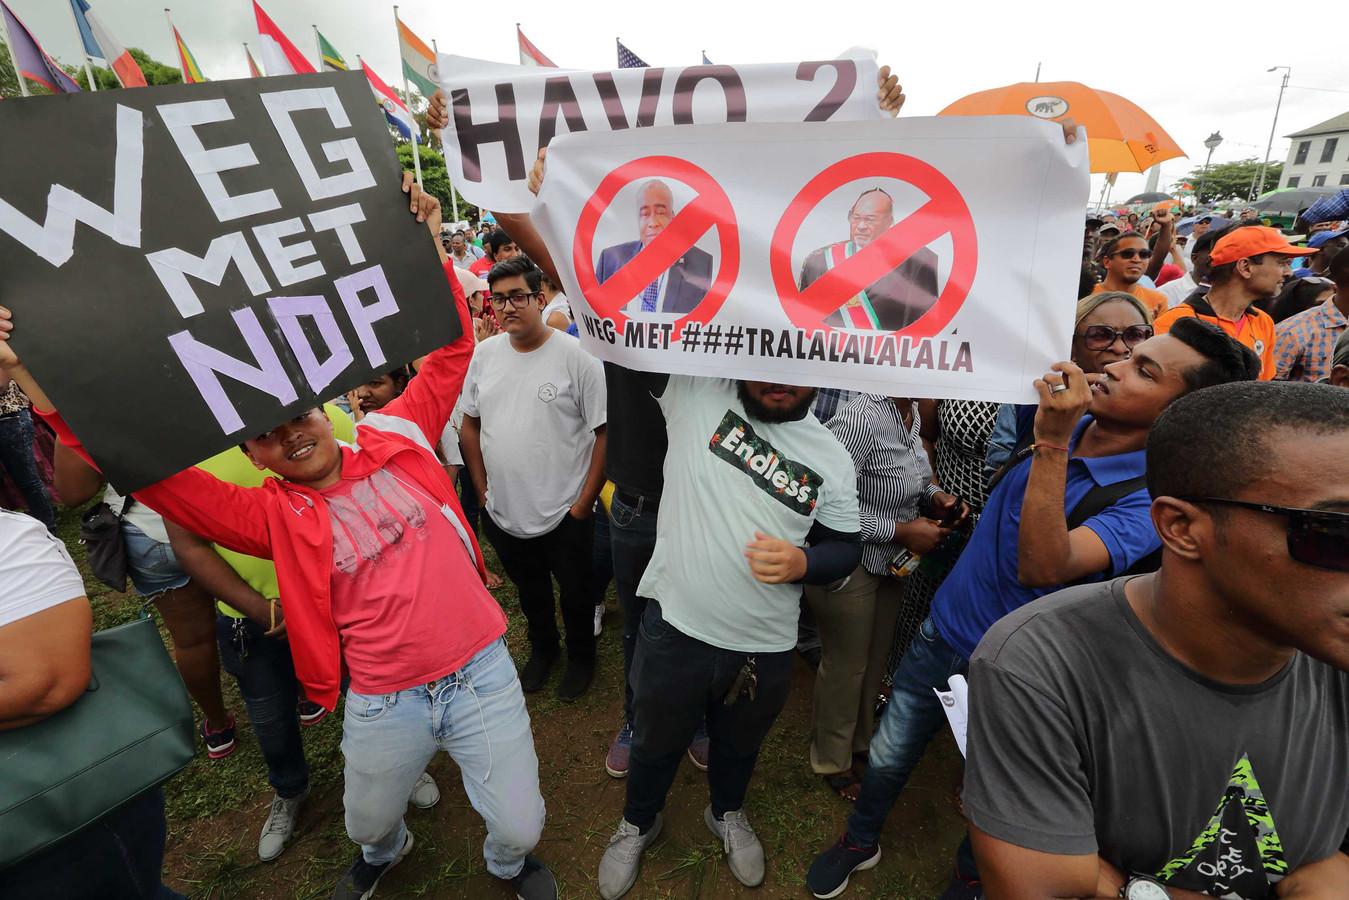 Duizenden mensen gingen in februari de straat op uit onvrede over de slechte financiele situatie in Suriname.